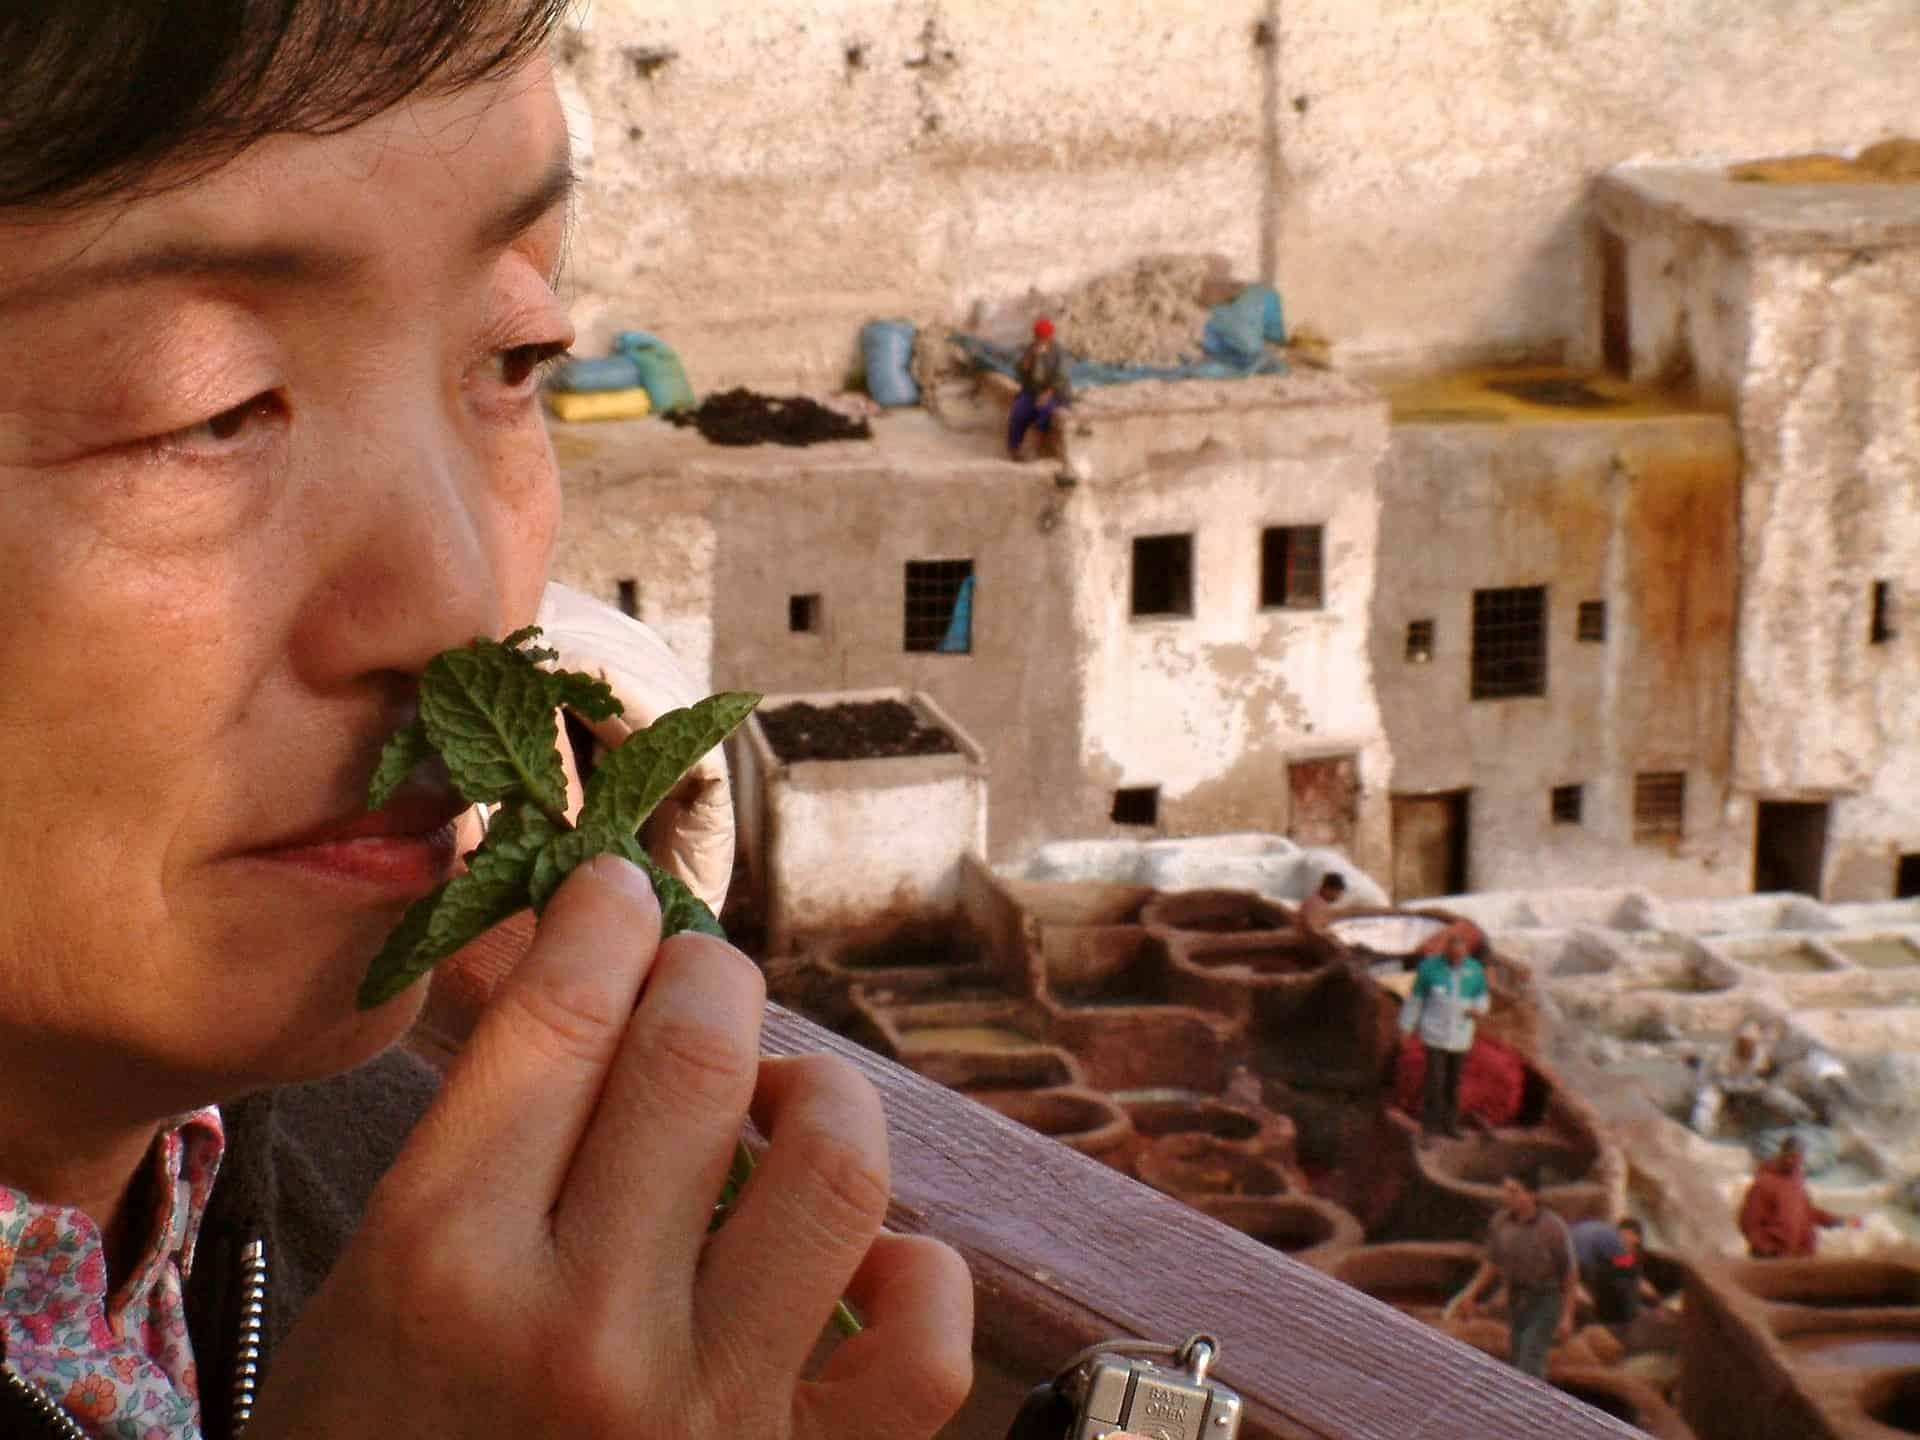 Während einer Städtereise nach Fez aufjedenfall genügend frische Minze trinken